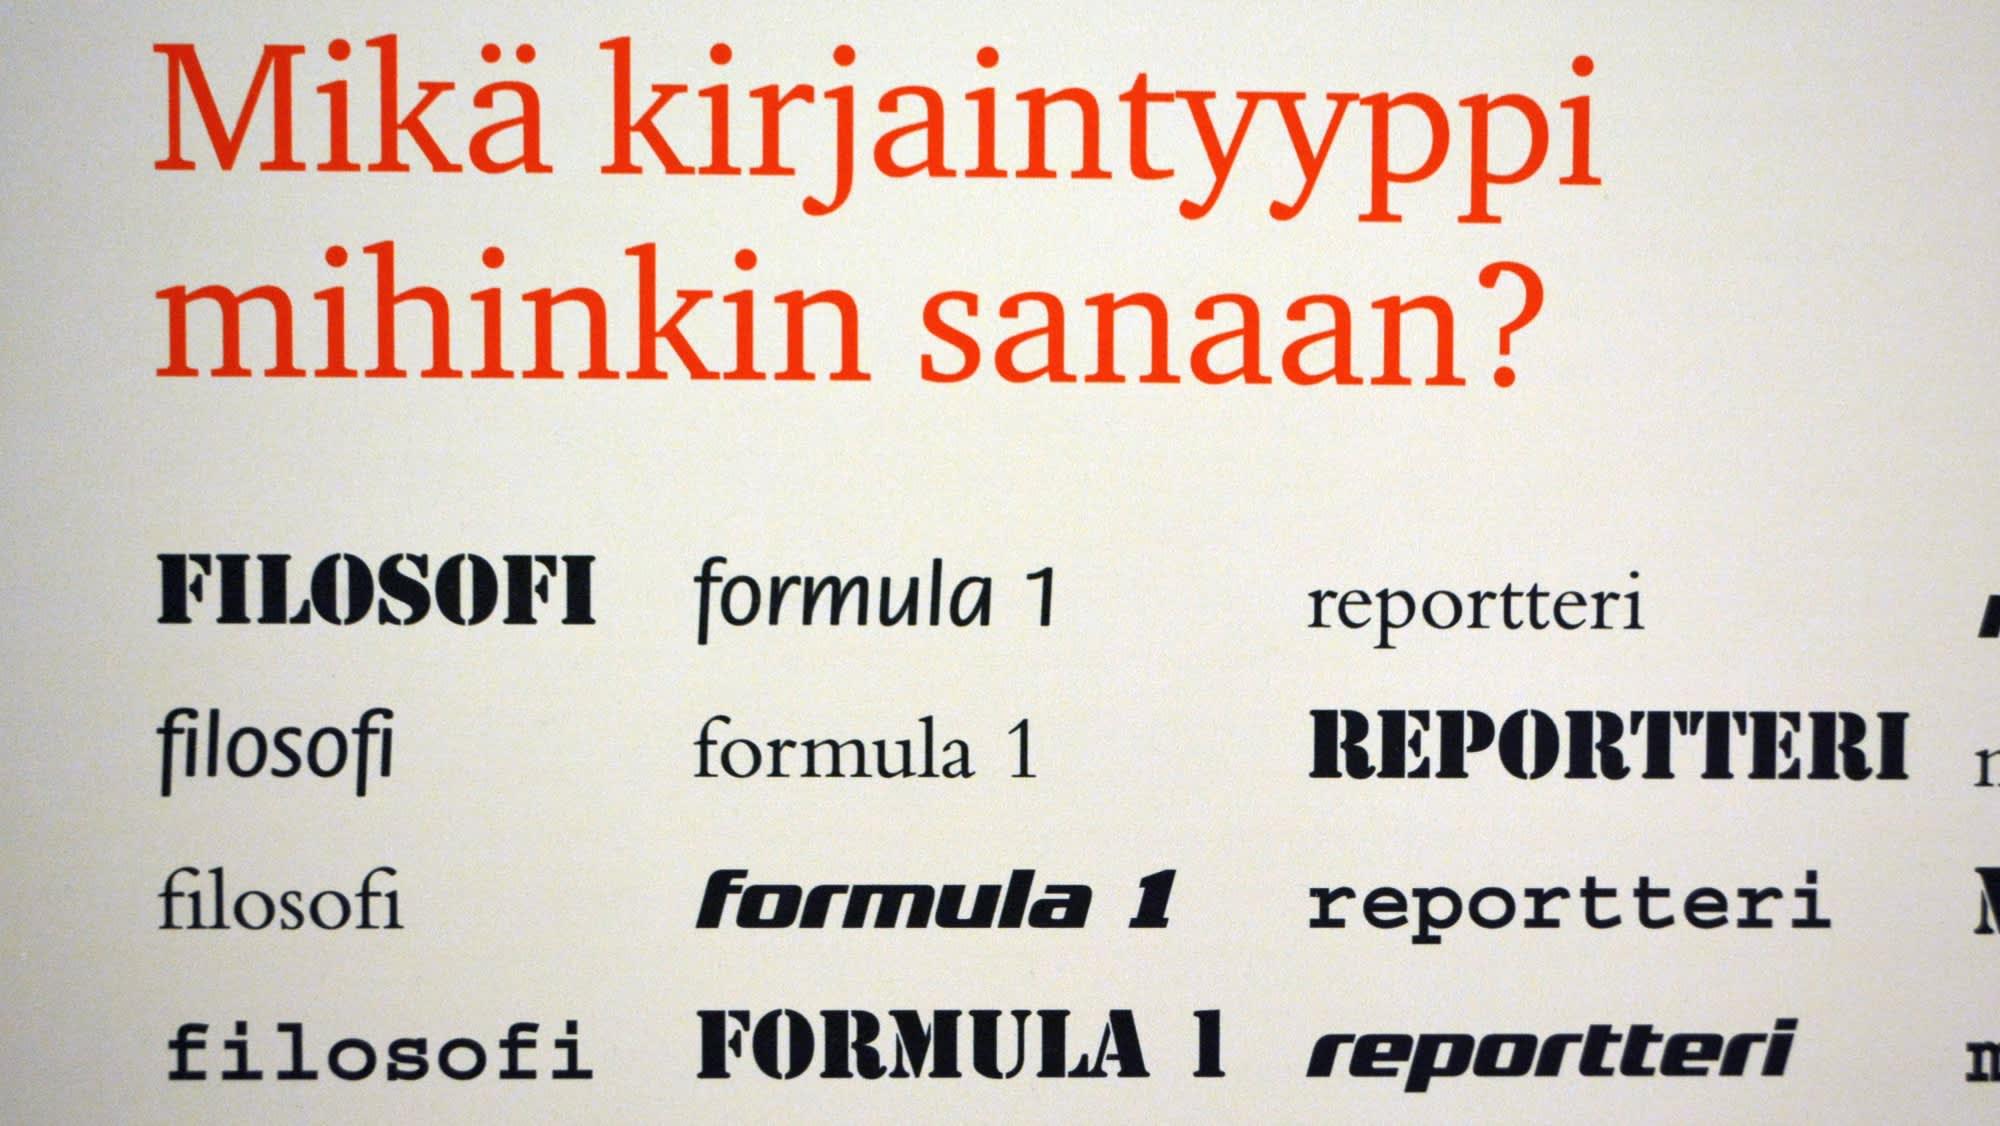 Eri kirjaintyyppejä Vapriikin typografianäyttelyssä